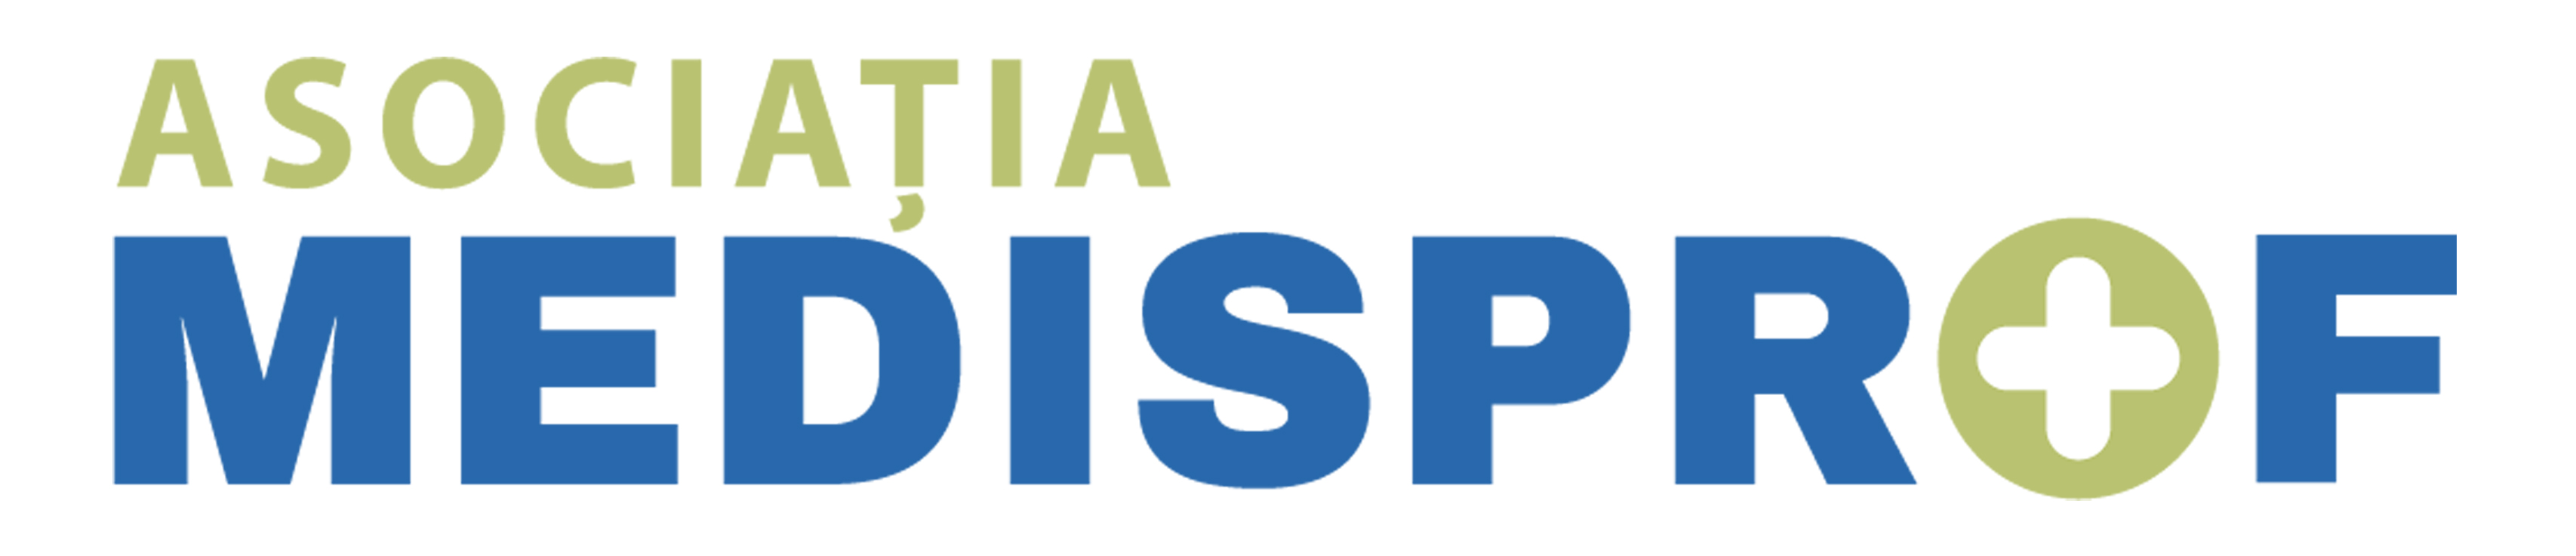 Asociatia Medisprof